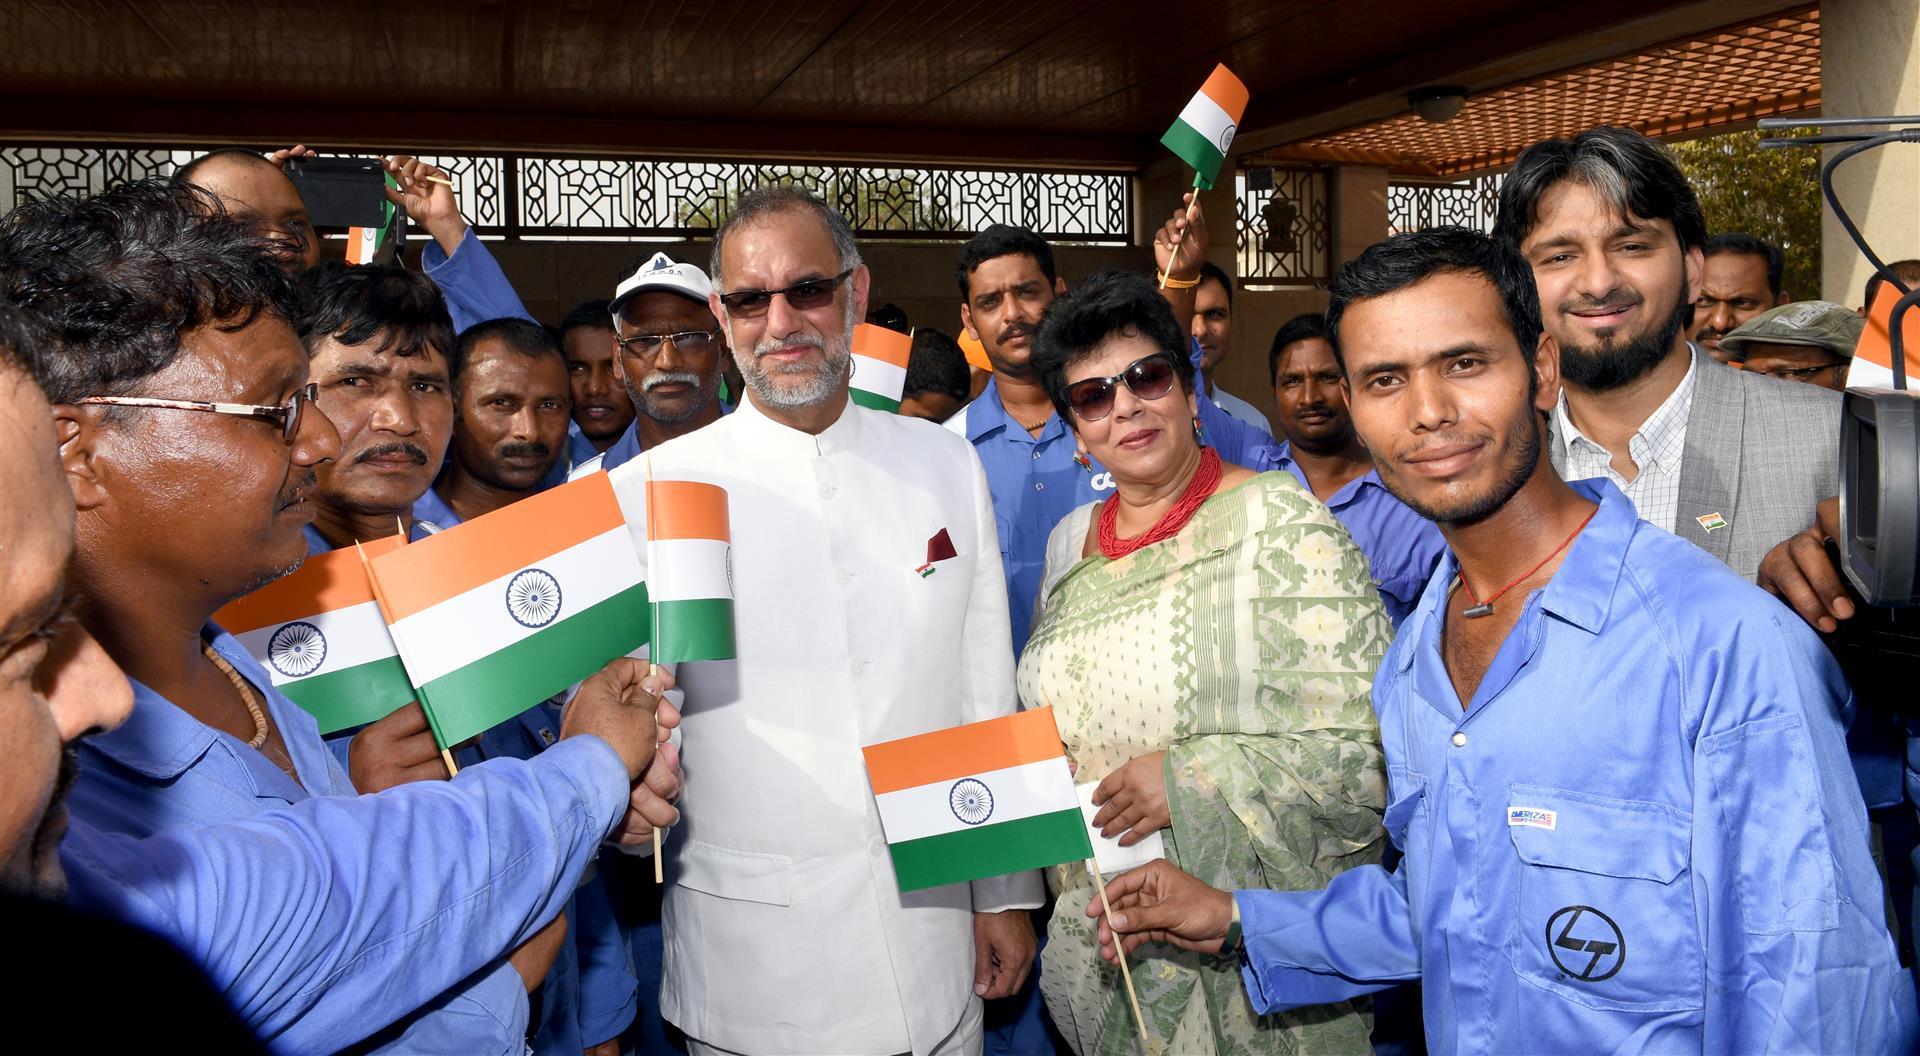 إحتفالات السفارة الهنديه بأبوظبي 15-8-2017 DSC_1129.JPG 1 /Large/